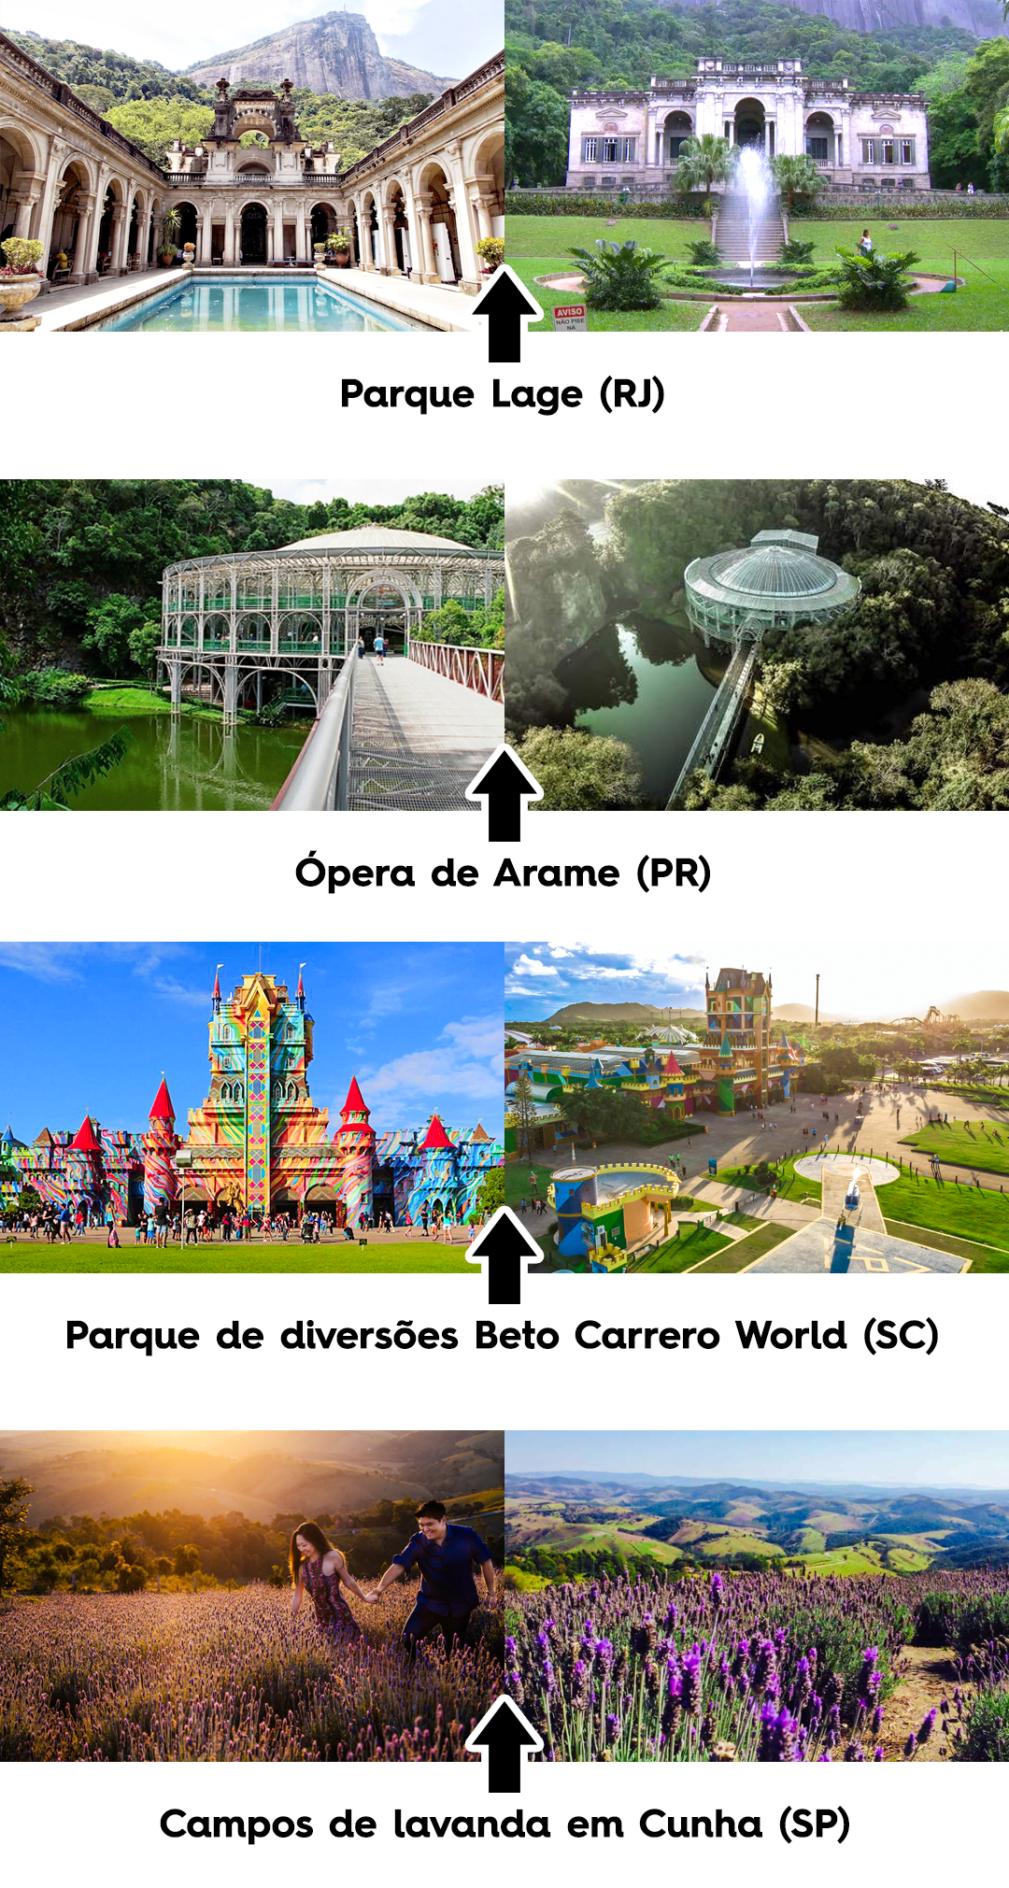 Entrevista com UNVS: fãs do Brasil - lugares no Brasil